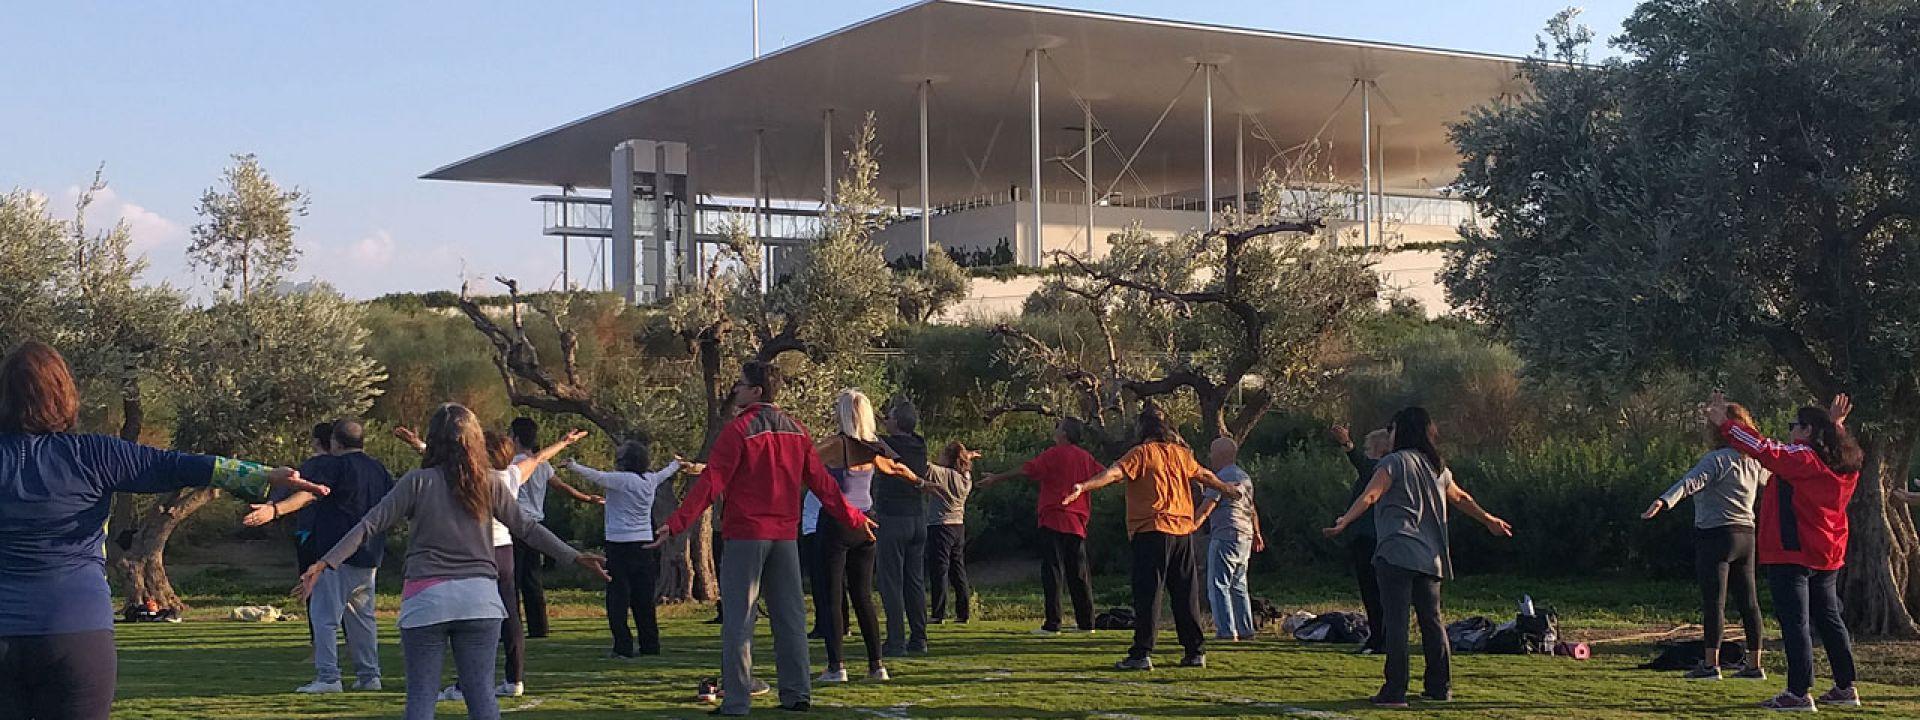 Φωτογραφία από ασκήσεις Qigong στο Πάρκο Σταύρος Νιάρχος